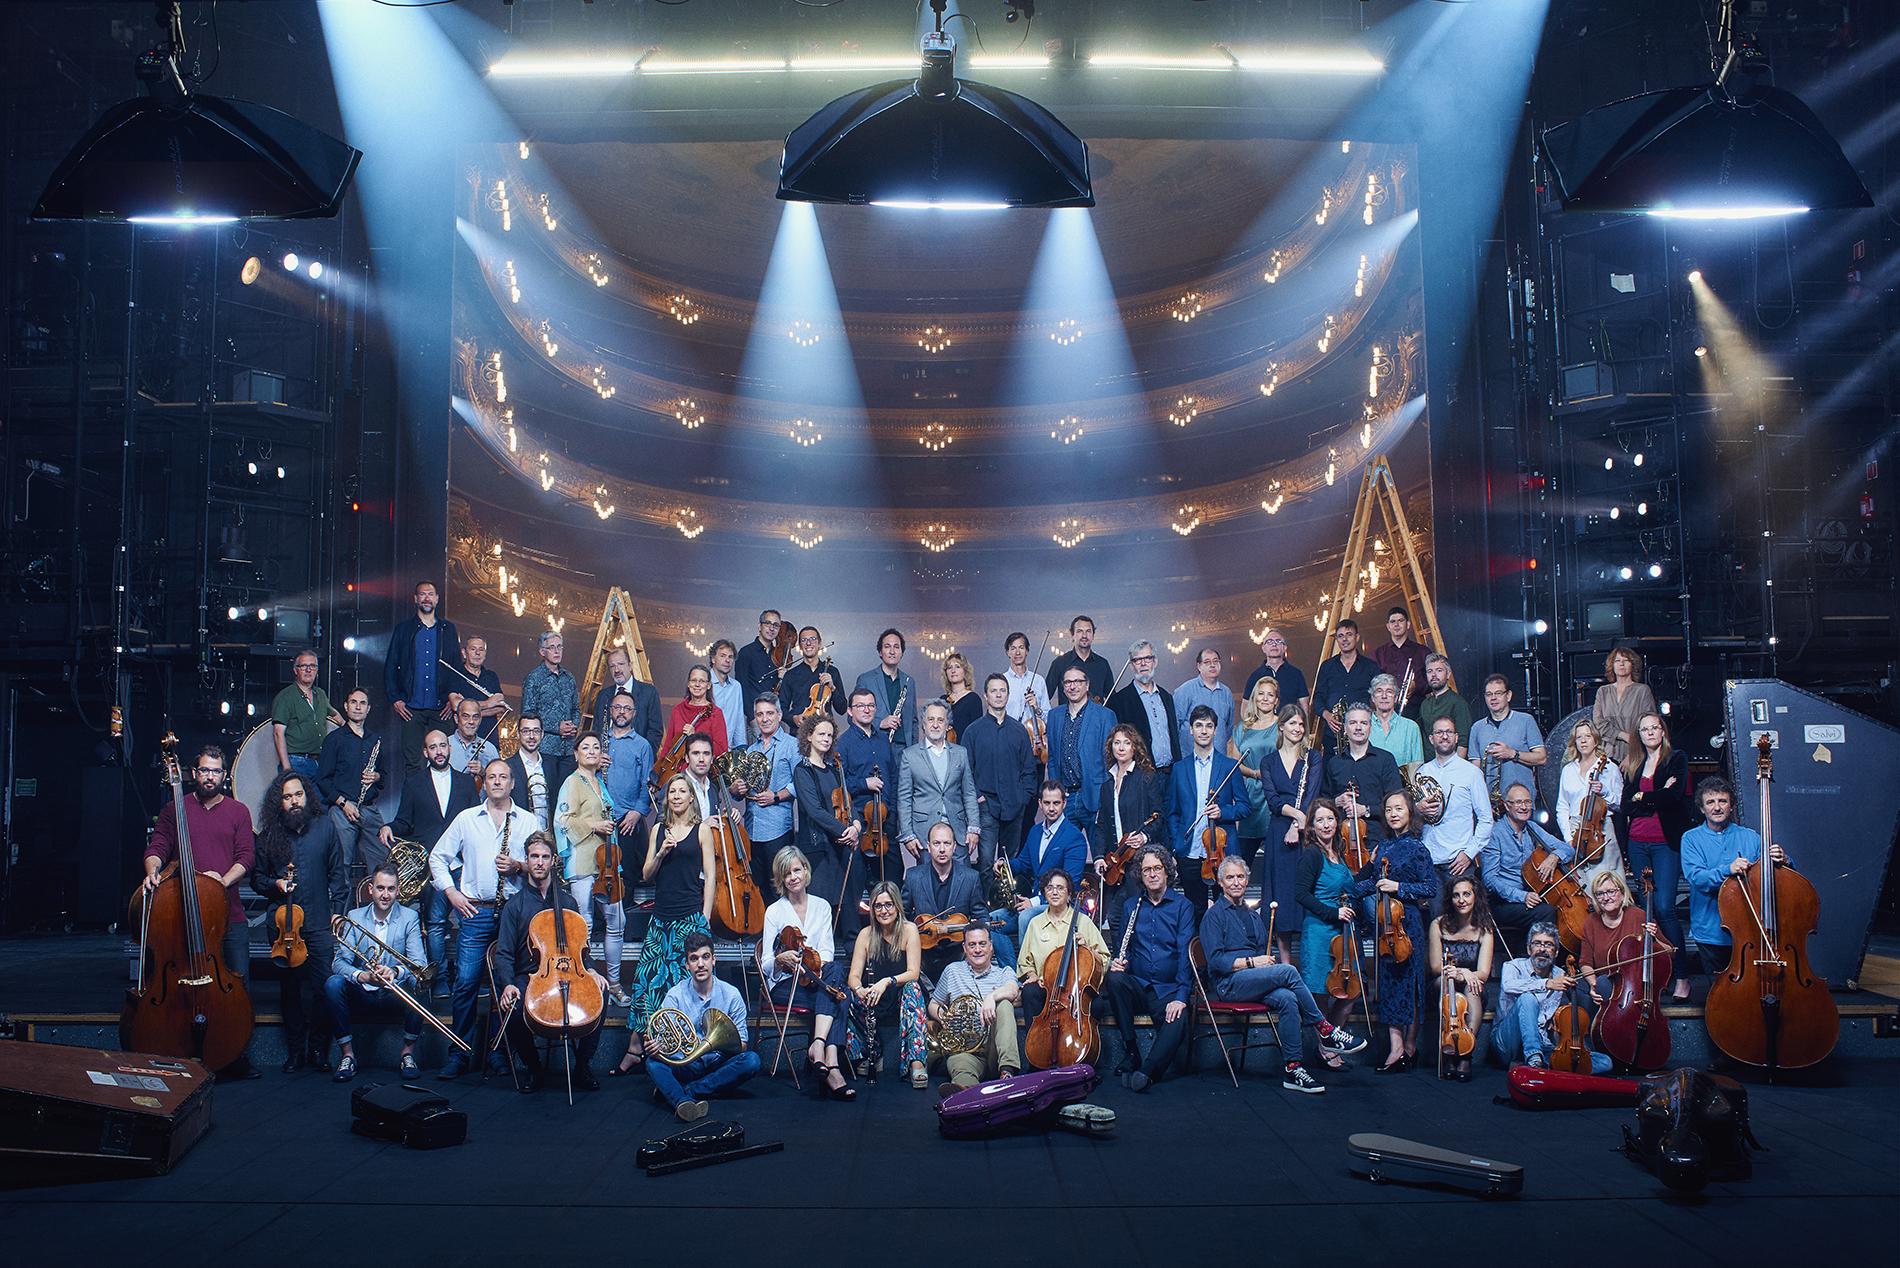 Orquestra Simfònica del Gran teatre del Liceu. Foto: Liceu